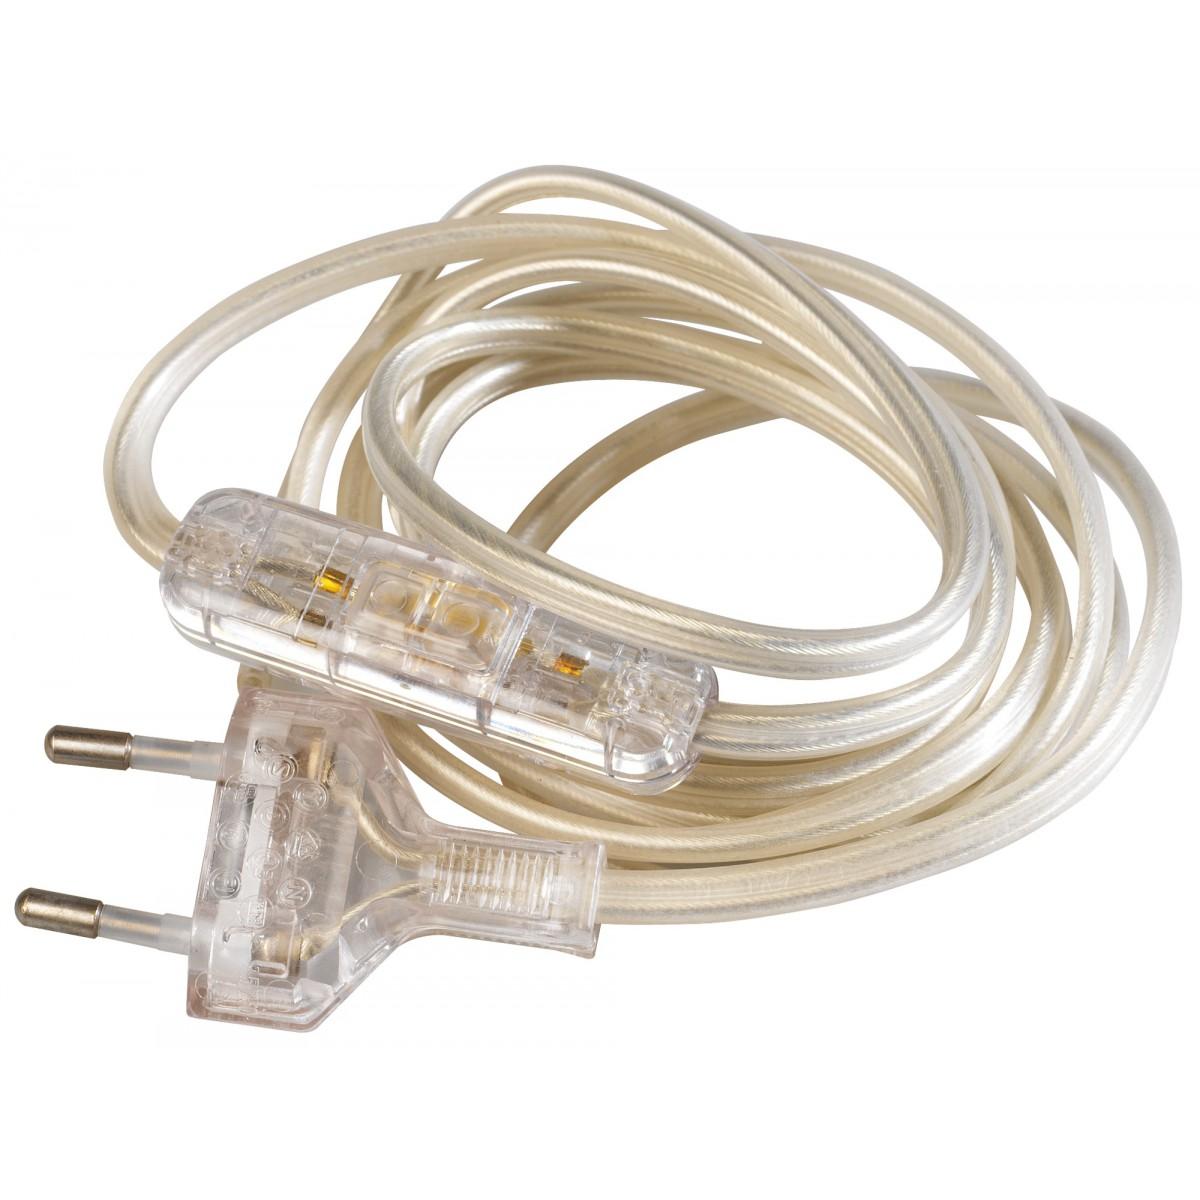 Cordon électrique pré-équipé Girard Sudron - Transparent